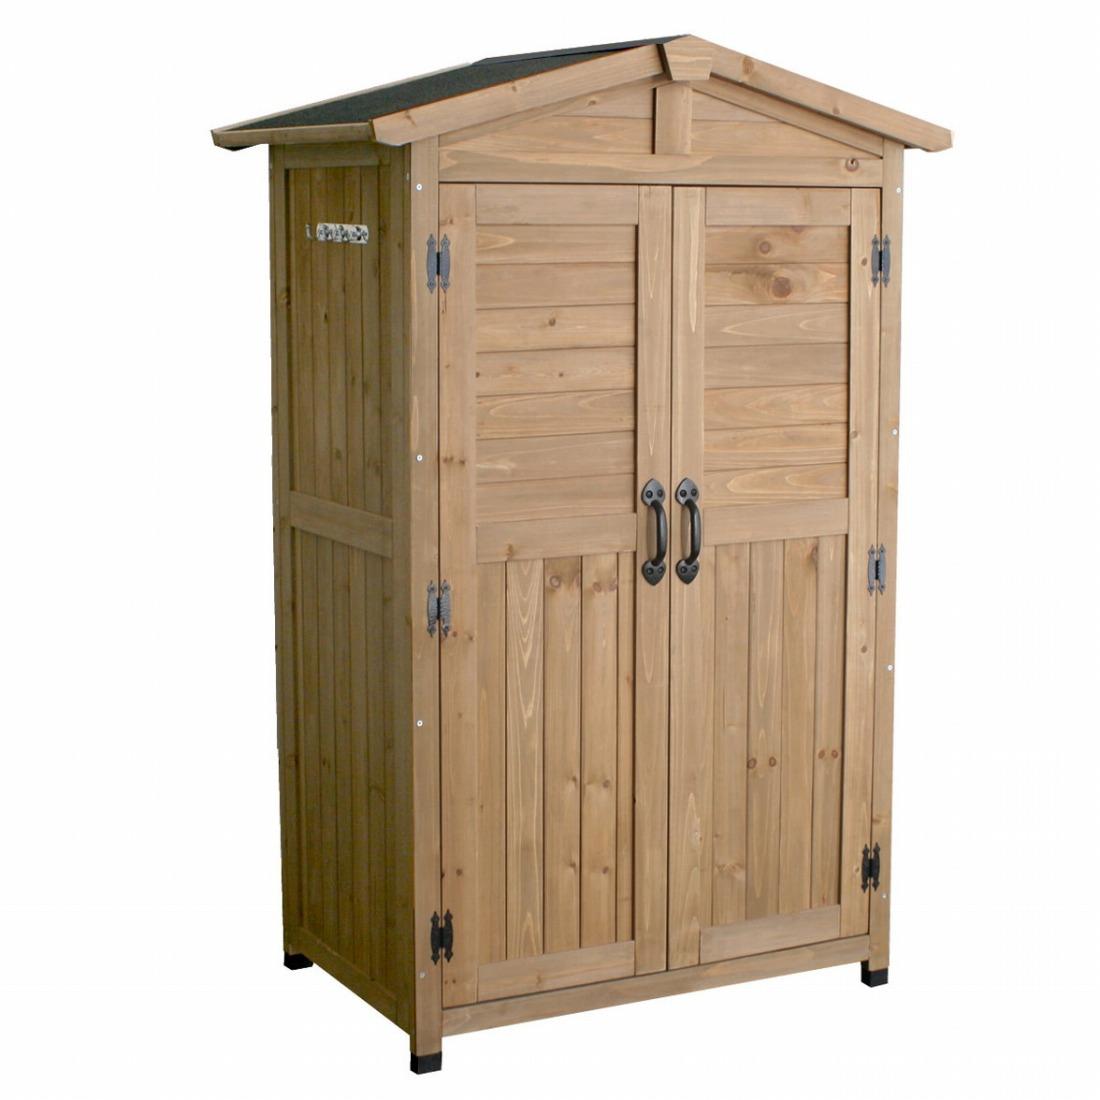 物置 倉庫 収納庫 天然木 木製 庭 物入れ おしゃれ 大型 北欧 ナチュラル ガーデニング 屋外 家具(代引不可)【送料無料】